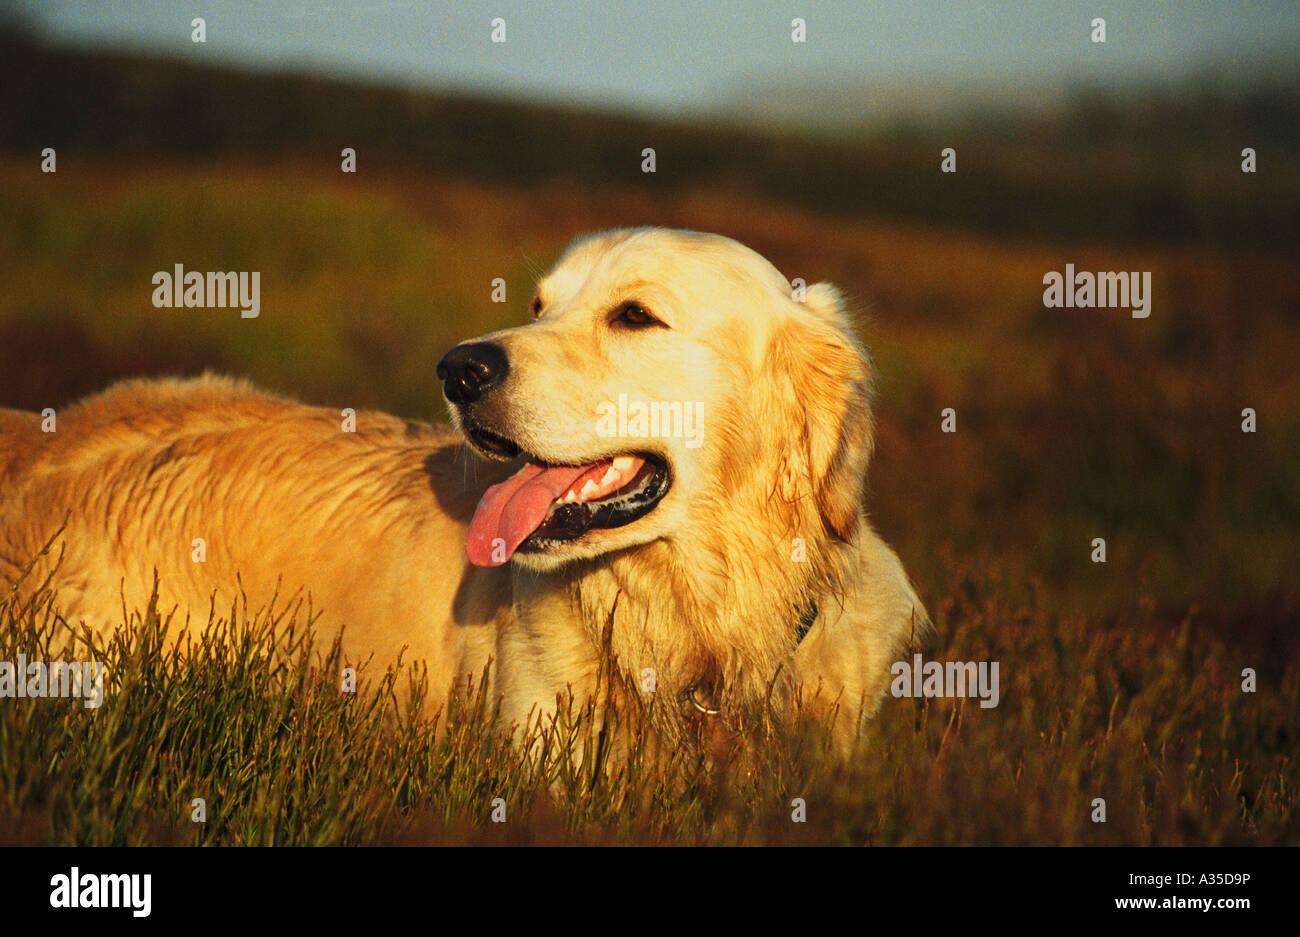 Golden Retriever, Sam - Stock Image